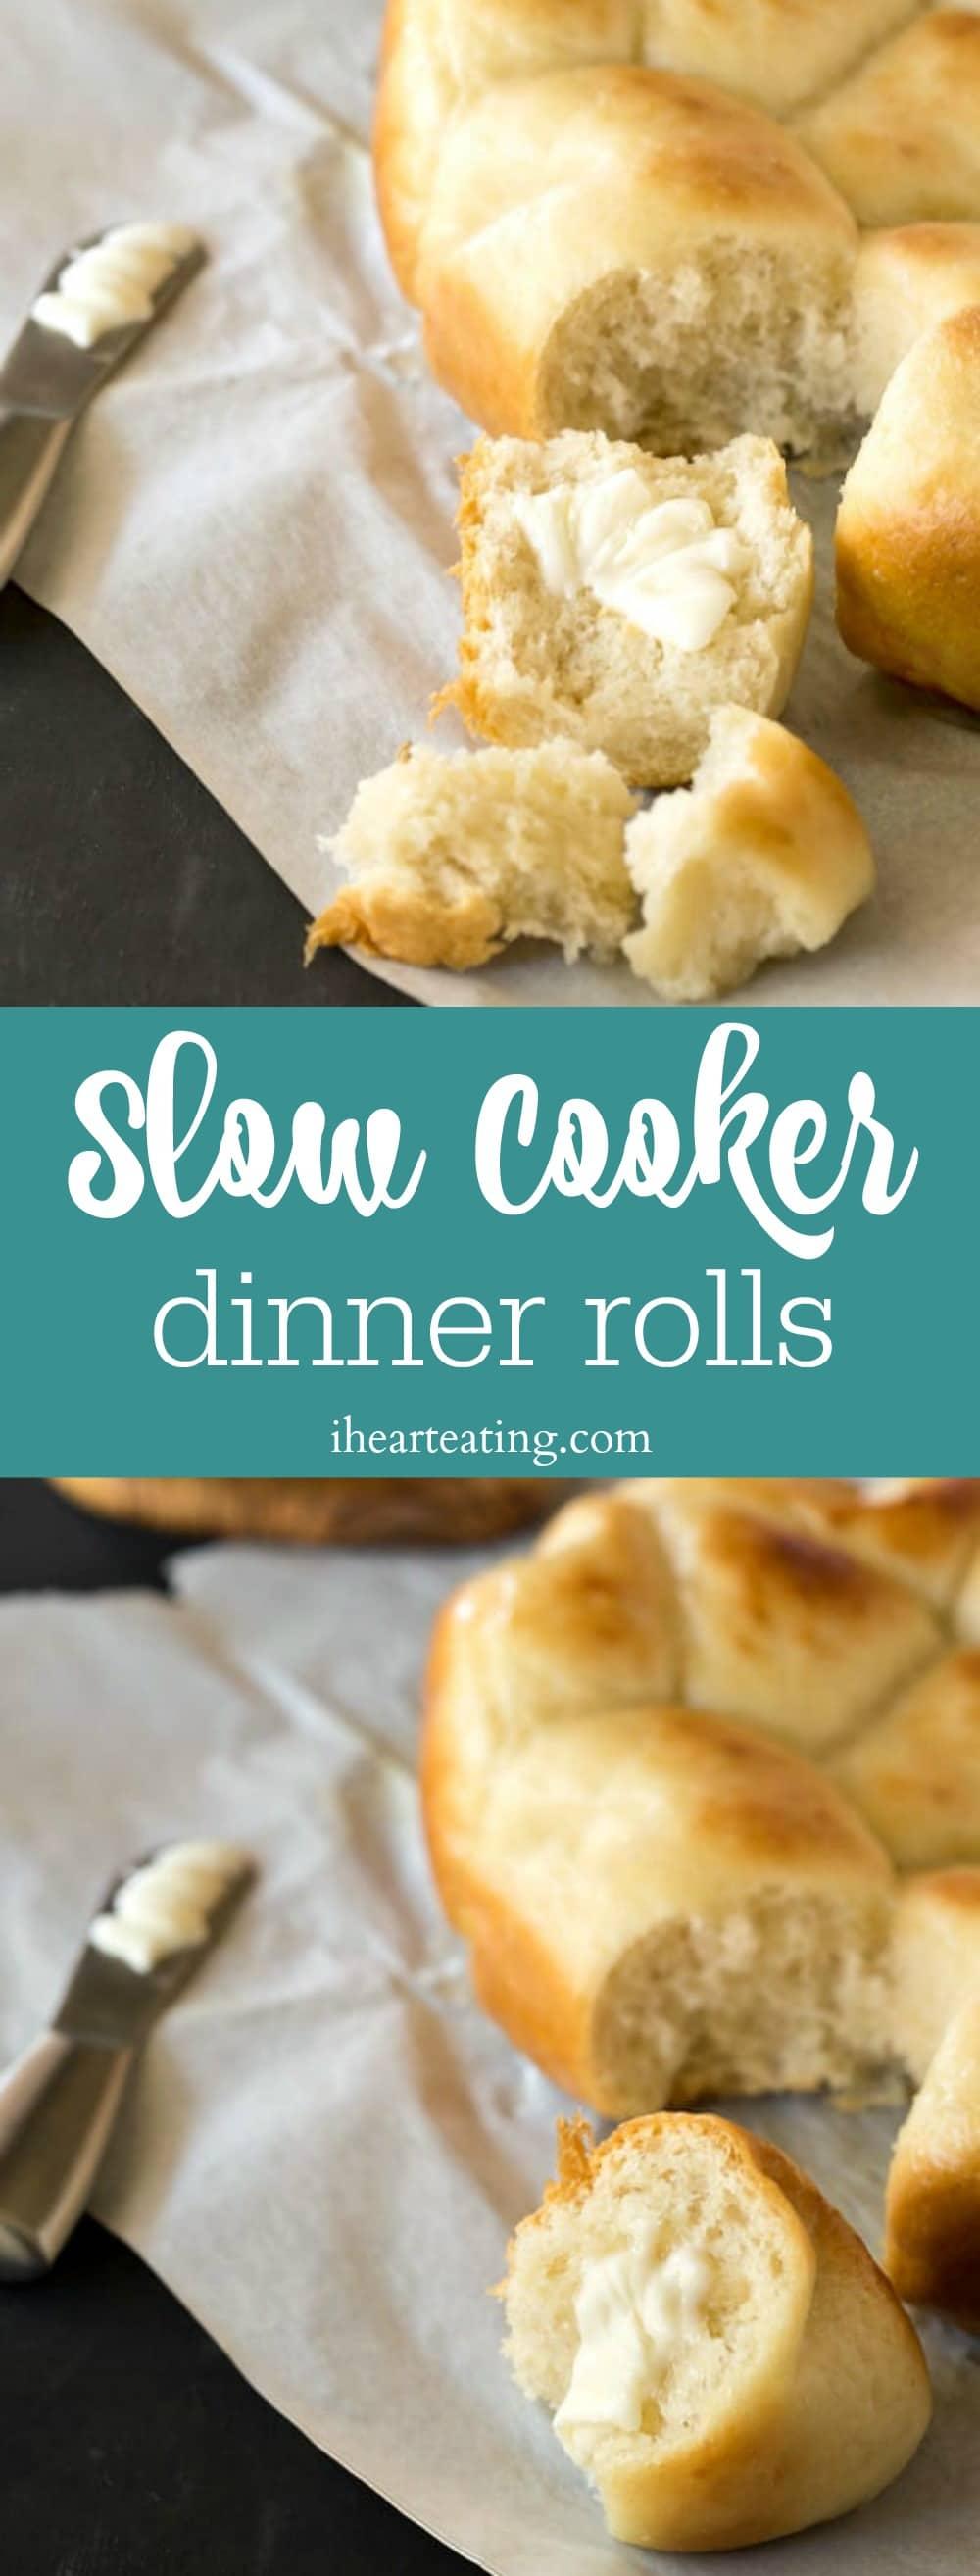 Slow Cooker Dinner Rolls